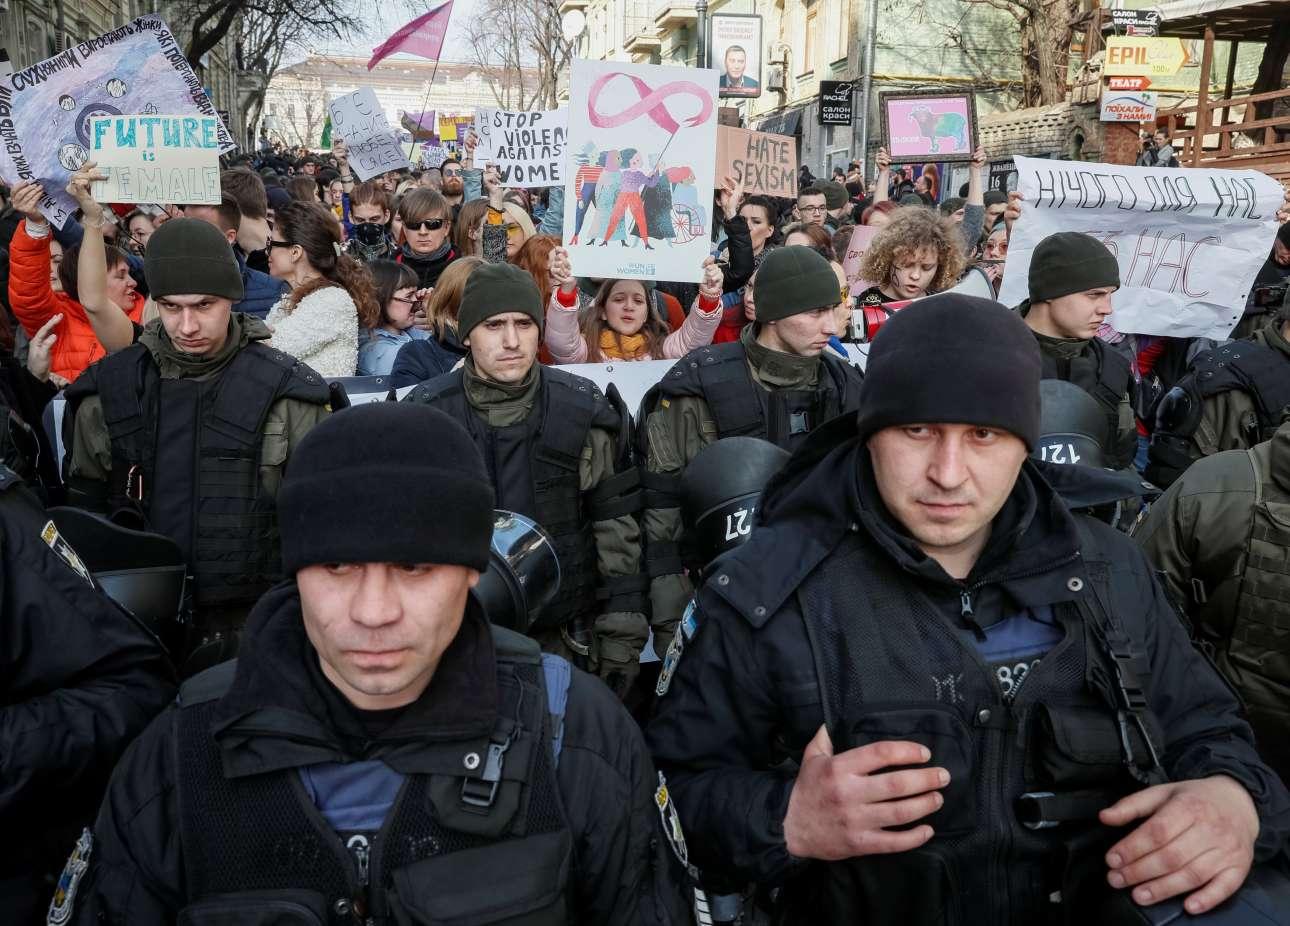 Η ουκρανική εθνοφρουρά φυλάσσει διαδήλωση υπέρ των γυναικών στο Κίεβο